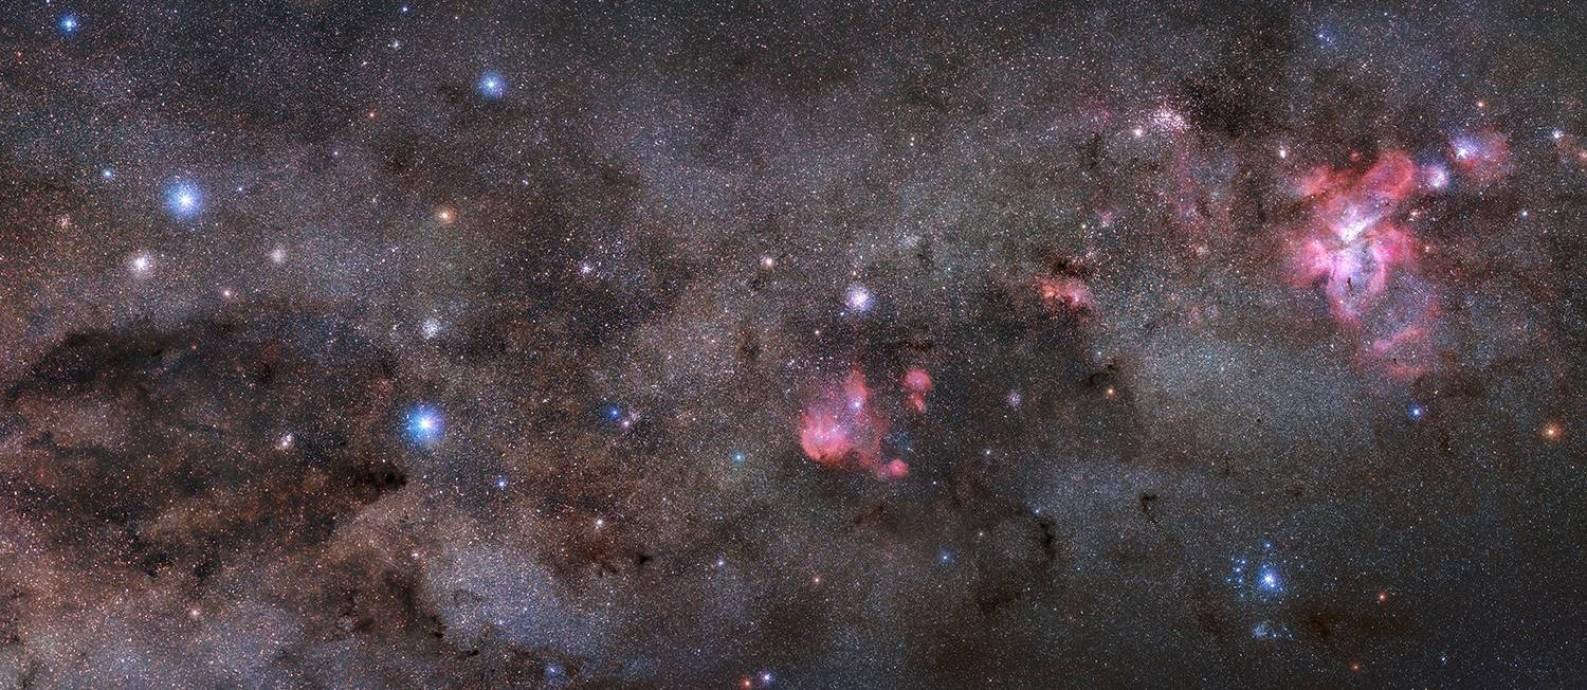 Foto do brasileiro Kiko Fairbairn registrada na Chapada dos Veadeiros (GO) foi escolhida como imagem astronômica do dia pela Nasa Foto: Kiko Fairbairn